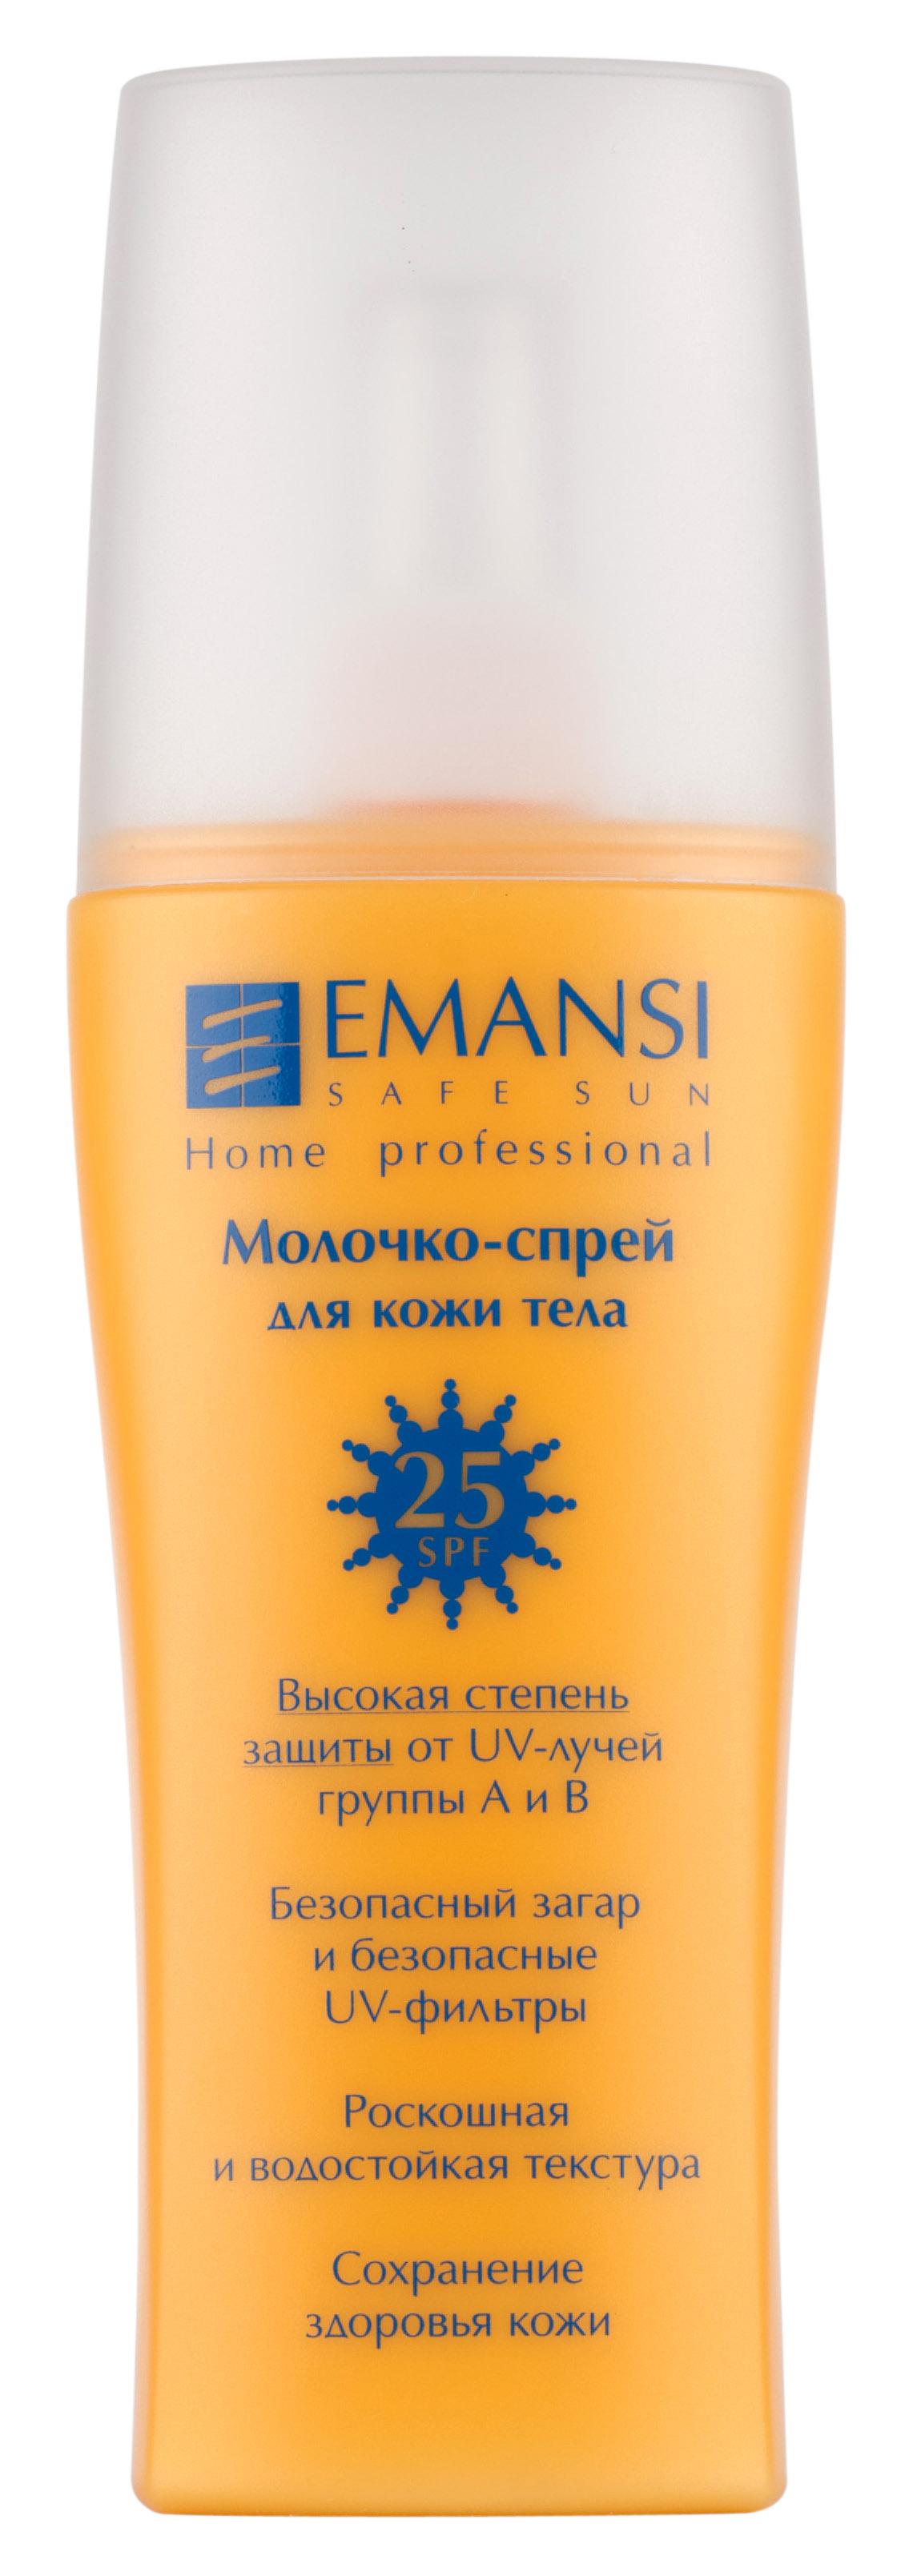 Emansi Молочко-спрей для кожи тела Safe sun SPF 25, 150 мл3298- Высокая степень защиты от UV-лучей группы А и В - Безопасный загар и безопасные UV-фильтры - Роскошная и водостойкая текстура - Сохранение здоровья кожи - Защищает от UV-лучей группы А и В благодаря включению безопасных UV-фильтров - Устойчиво к действию воды и пота - Подходит для любой, в том числе и чувствительной кожи